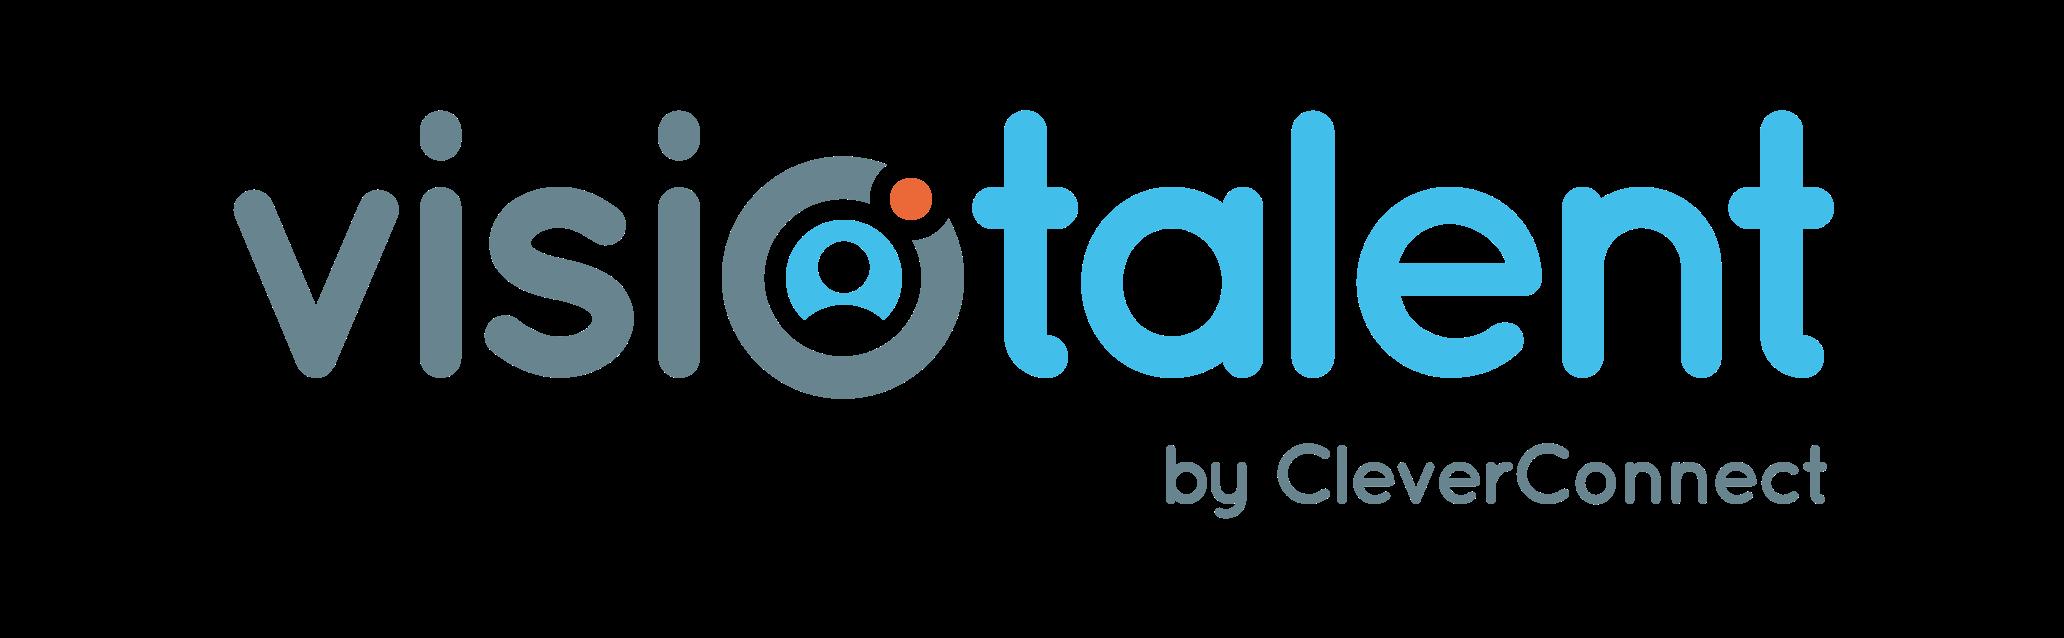 Recensioni Cleverconnect Visiotalent: Soluzione rivoluzionaria per la Talent Acquisition - appvizer